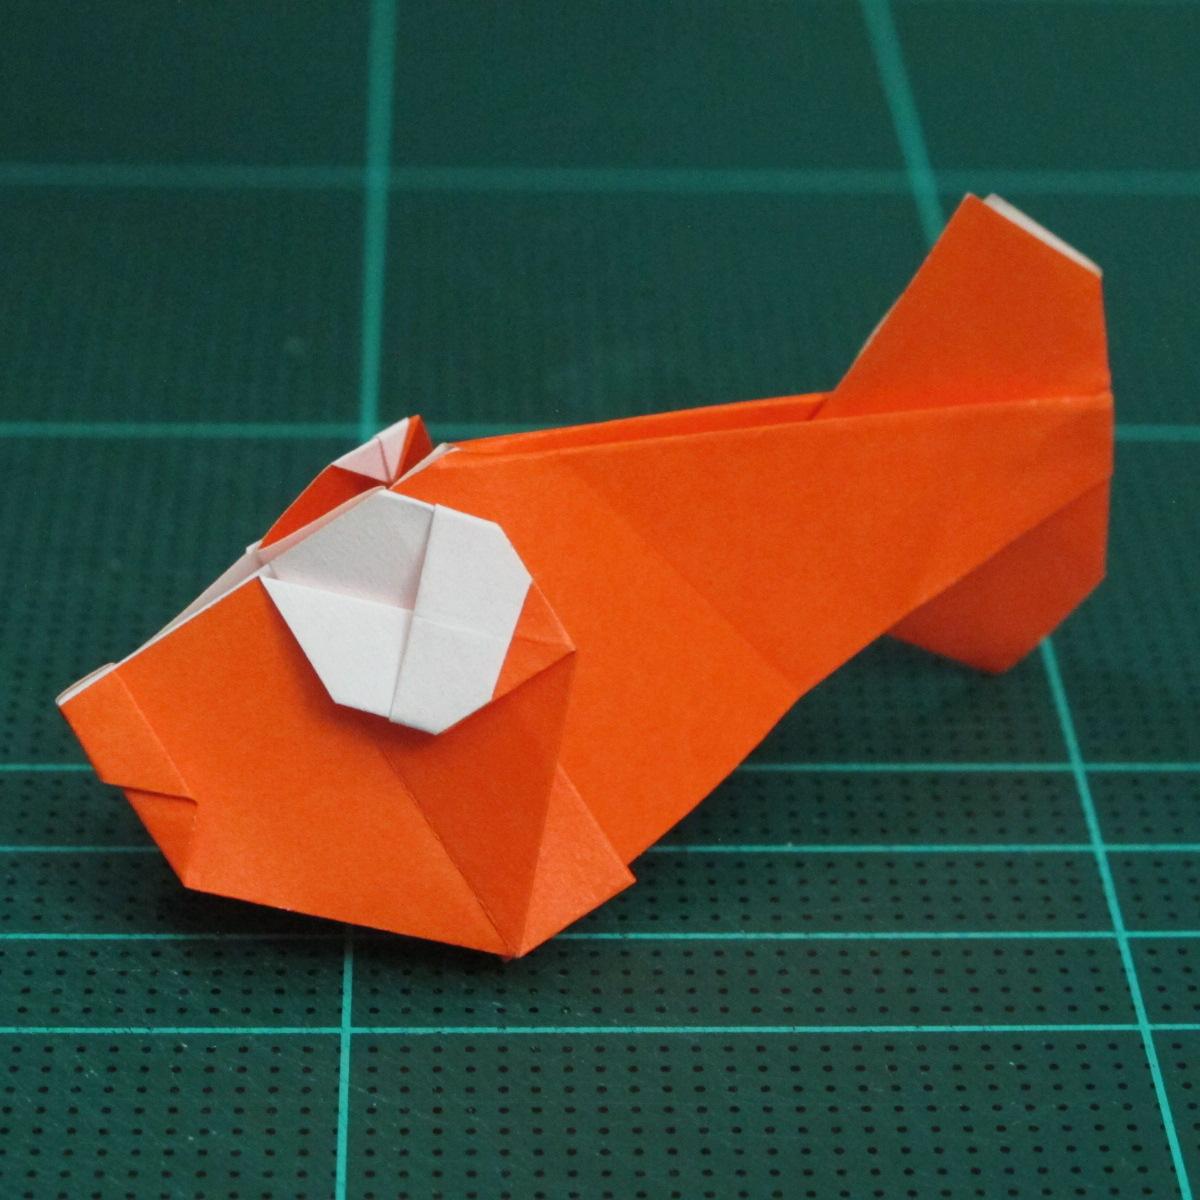 การพับกระดาษเป็นรูปปลาทอง (Origami Goldfish) 029